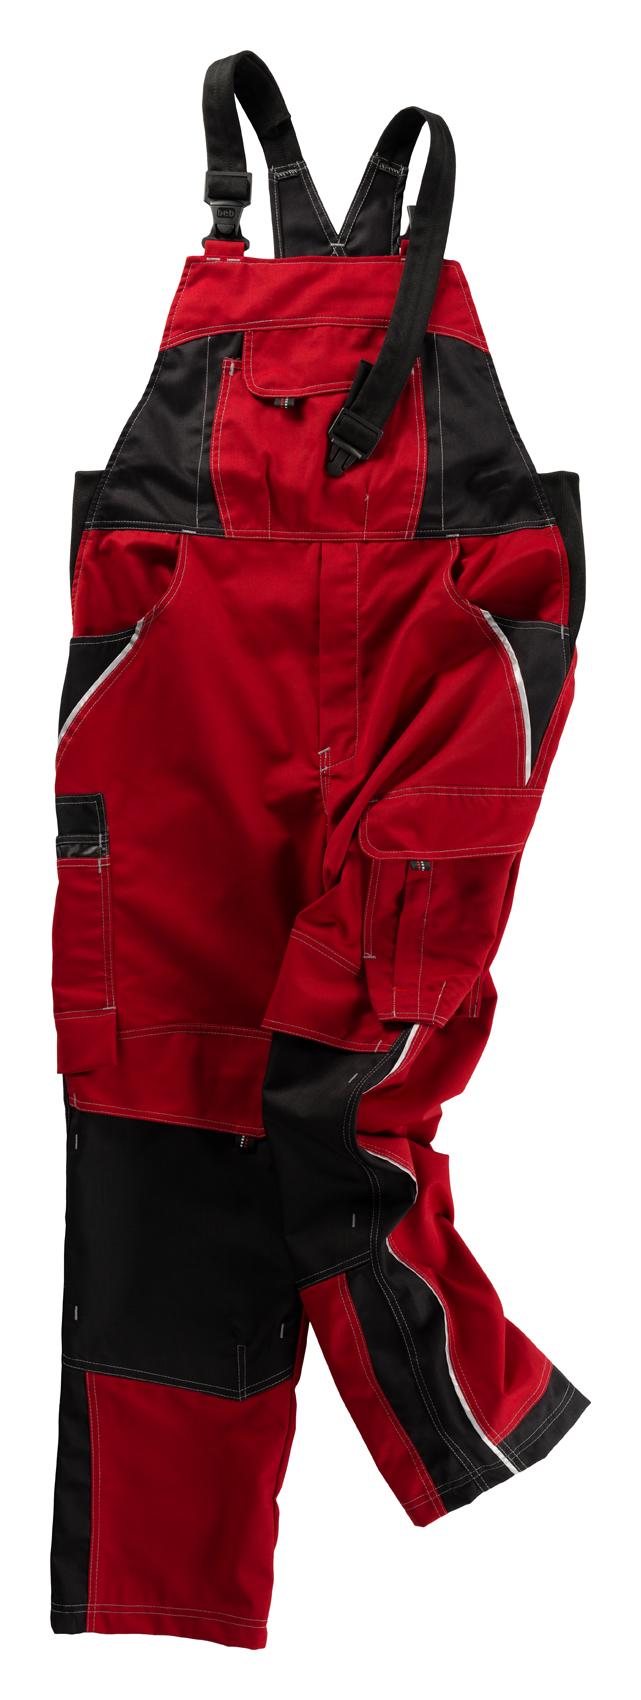 Heute im Angebot: Latzhose INFLAME von BEB / Farbe: Fire engine red in der Region Wittenberg